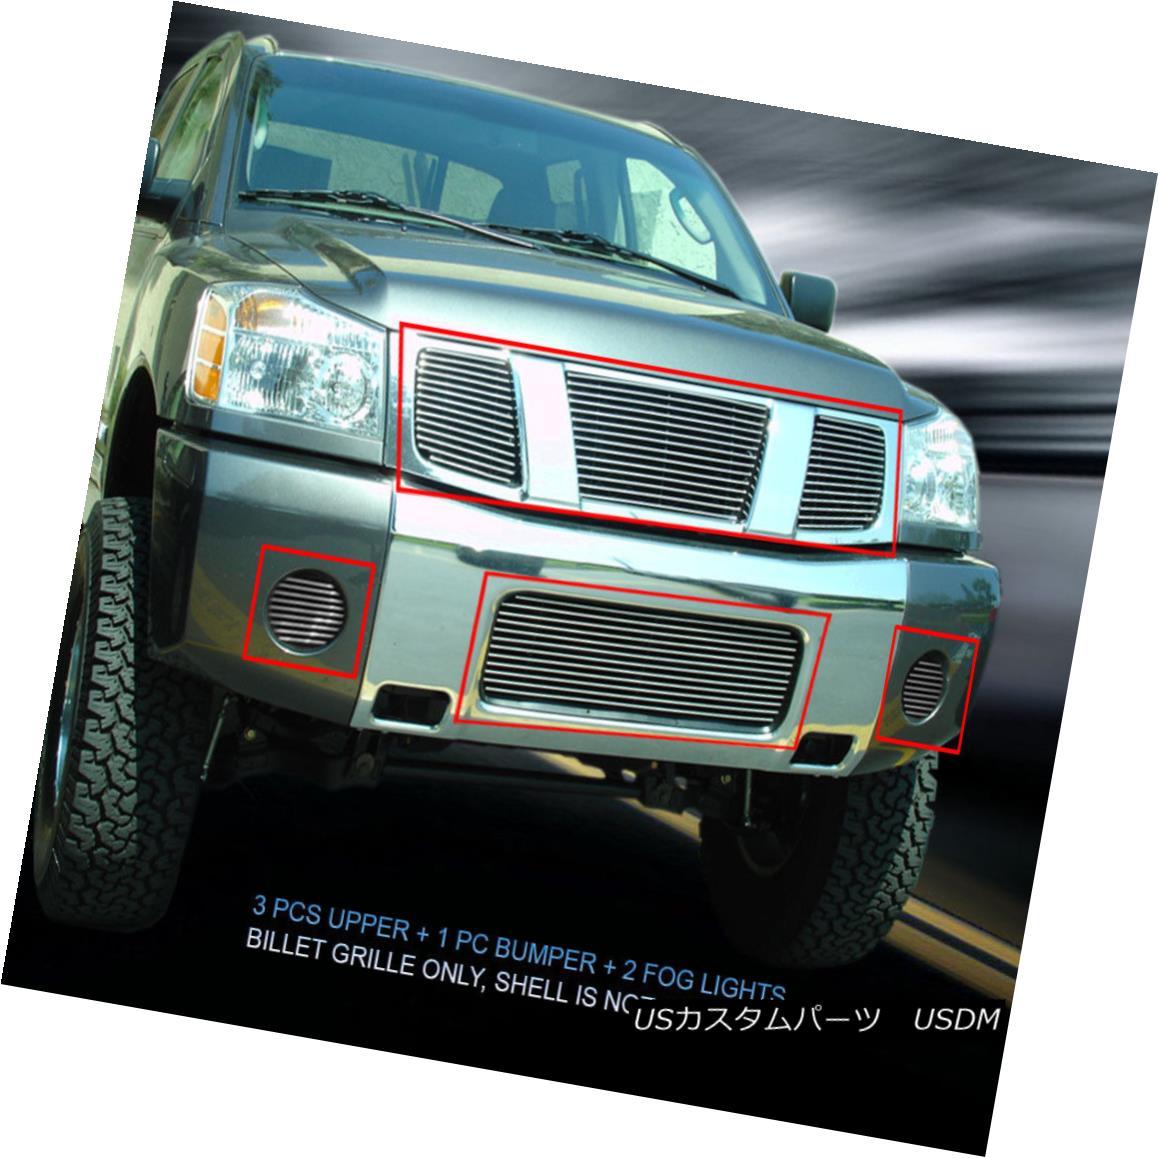 グリル Fedar Fits 2004-2007 Nissan Titan Armada Polished Billet Grille Combo Fedar Fits 2004-2007日産タイタンアルマダポリッシュビレットグリルコンボ